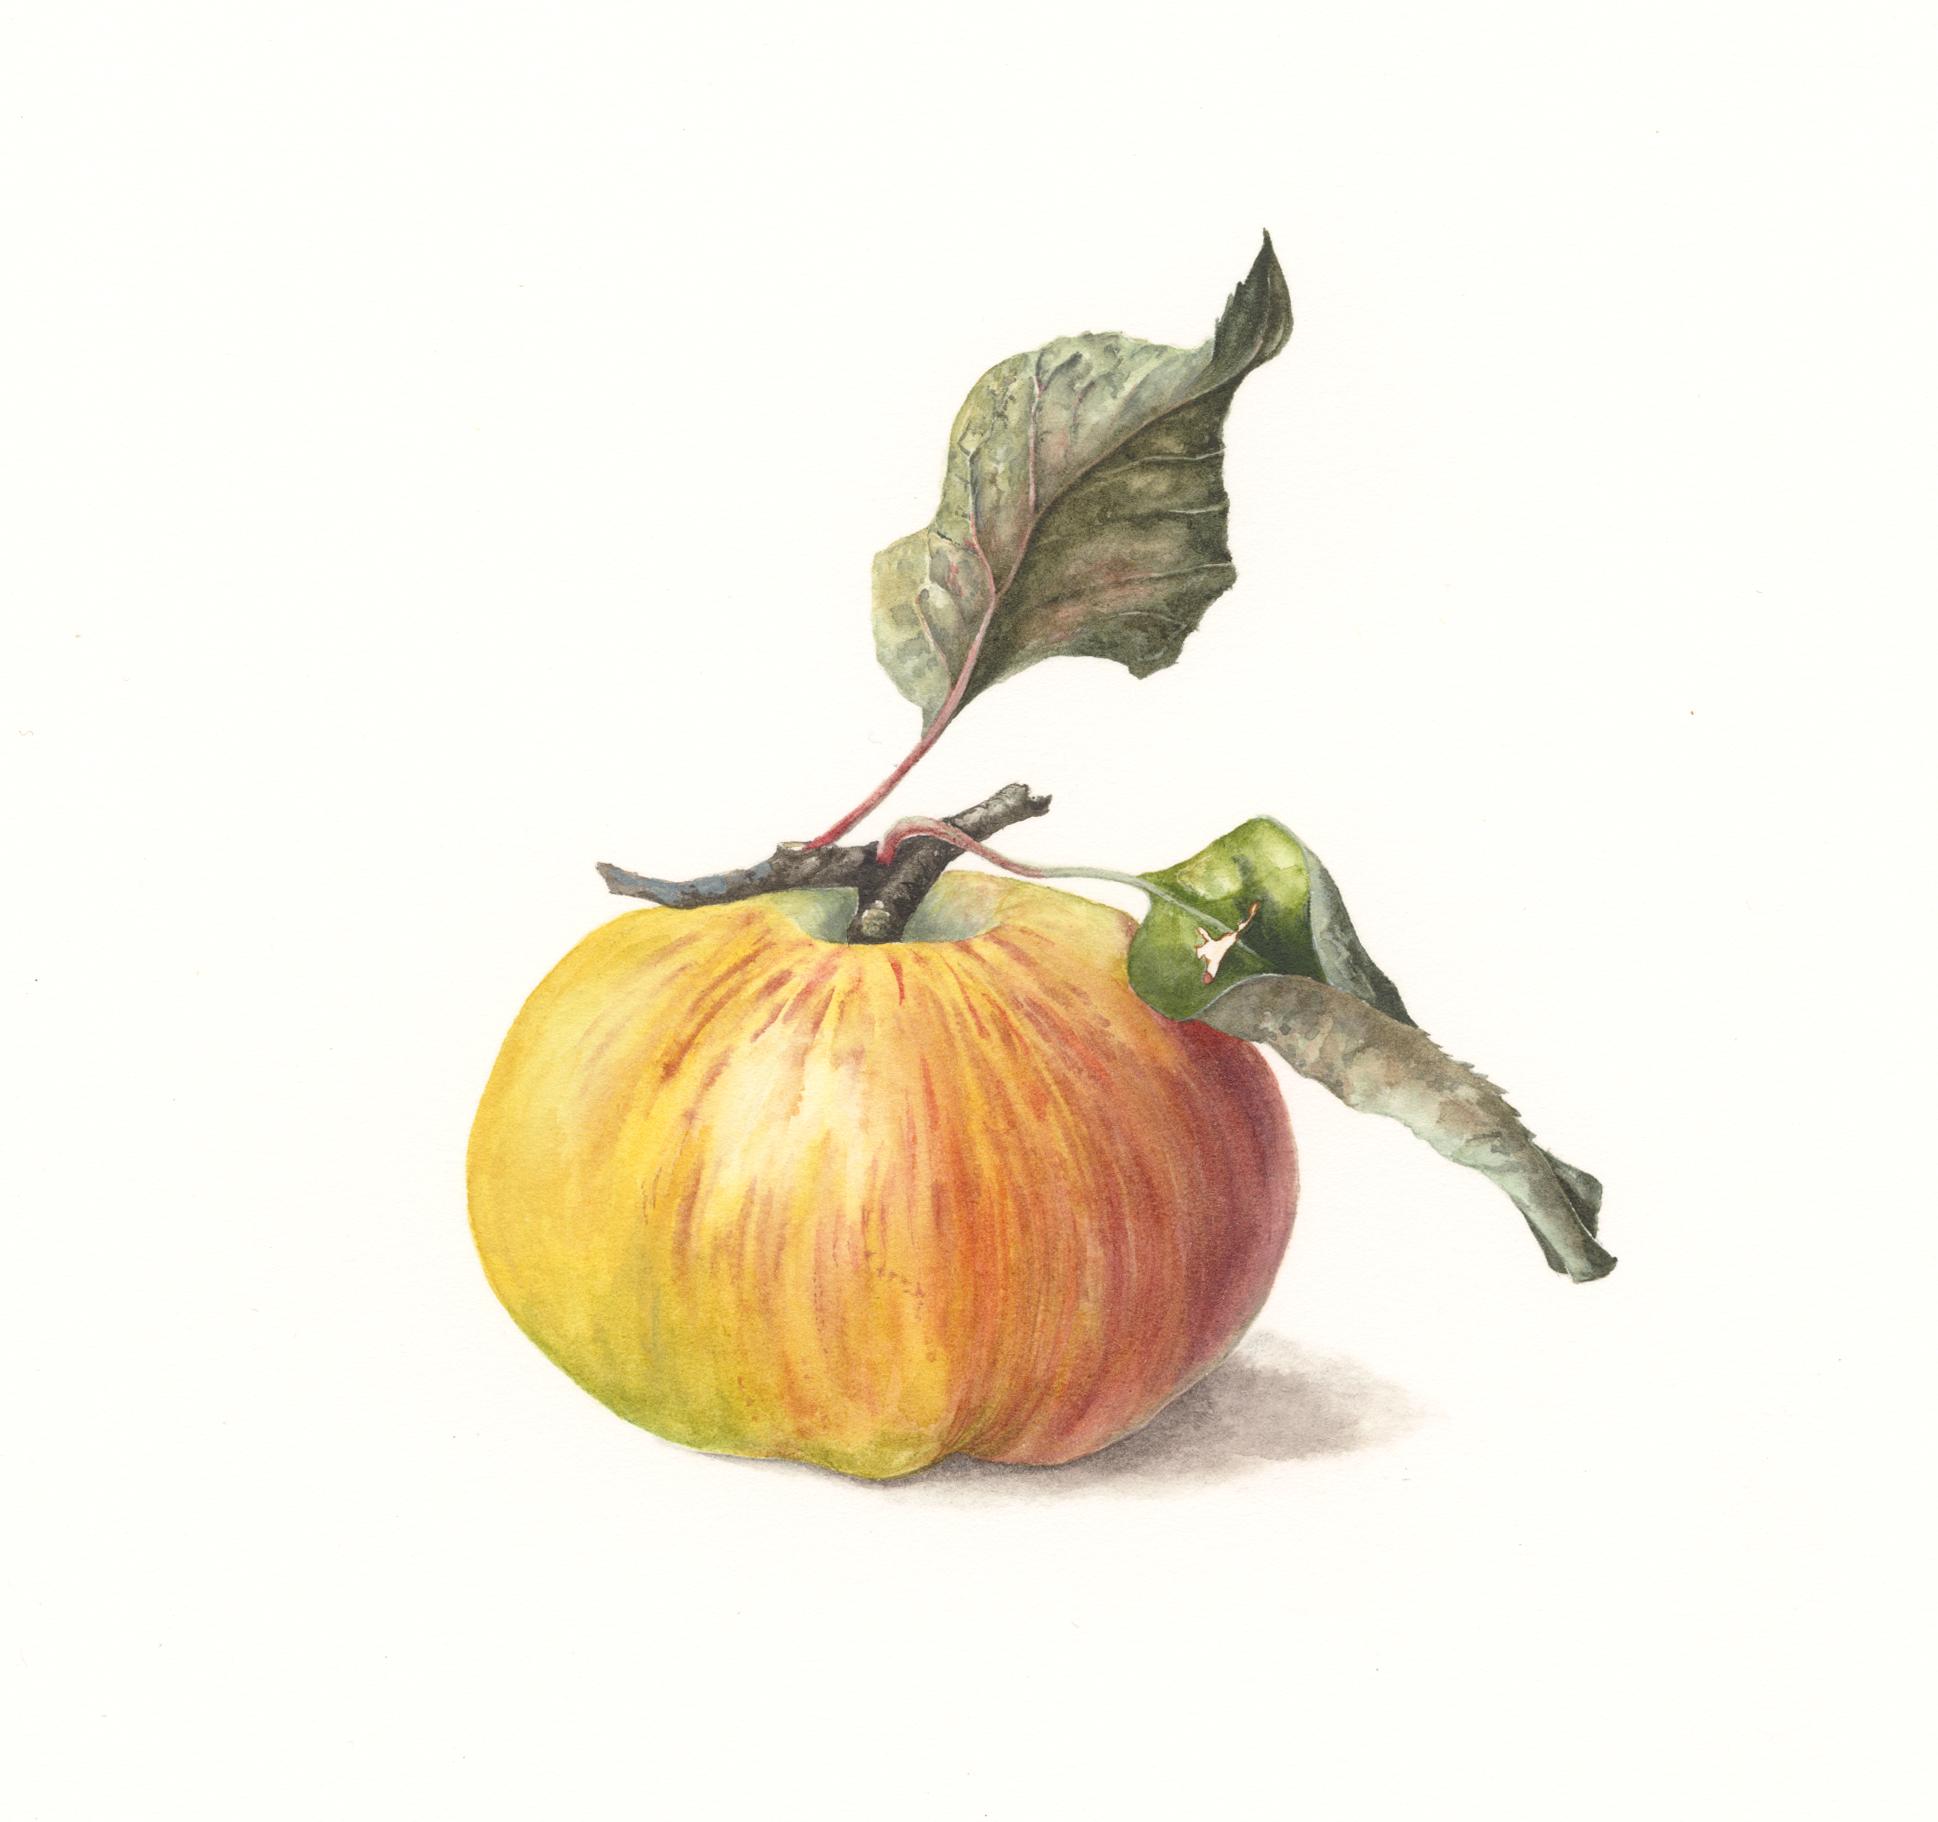 Bramley's Seedling Apple  watercolour on paper  20 x 16 cm image  43 x 40 cm framed  SOLD